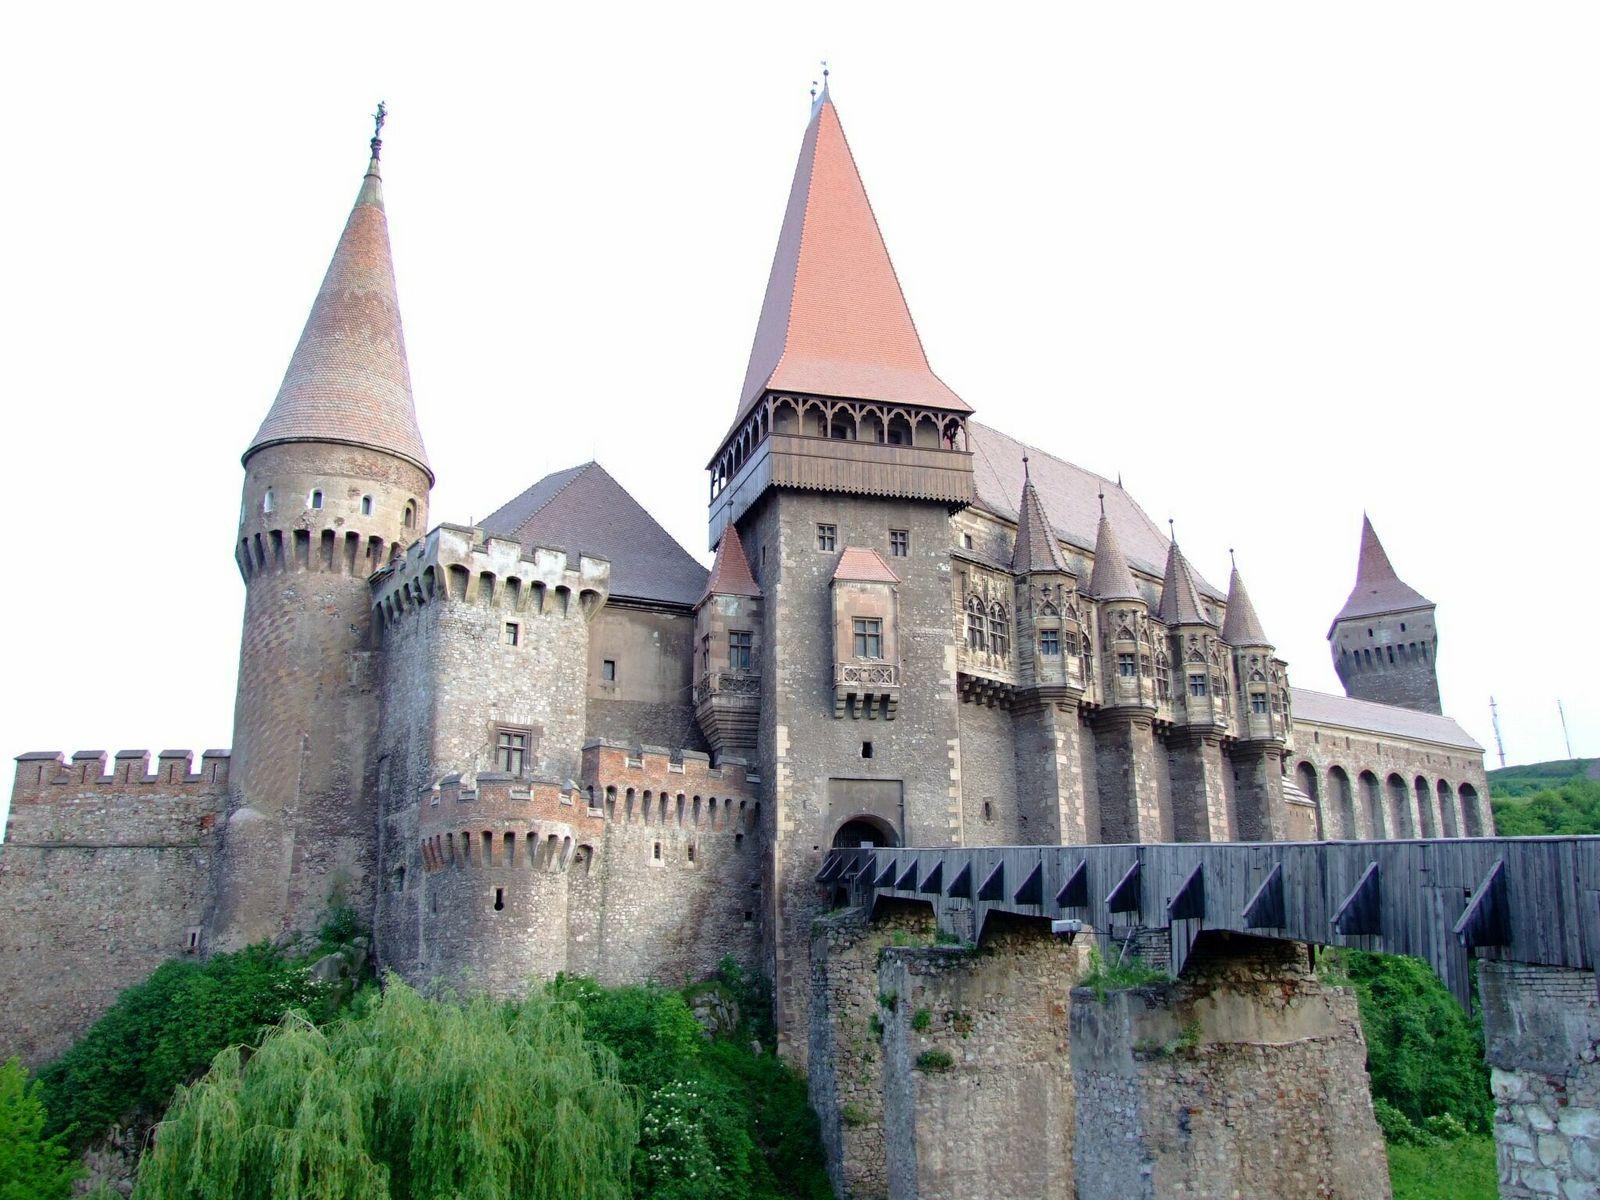 un château - ajonc - 12 juin 2016 trouvé par snoopie Chateau-hunedoara-roumanie